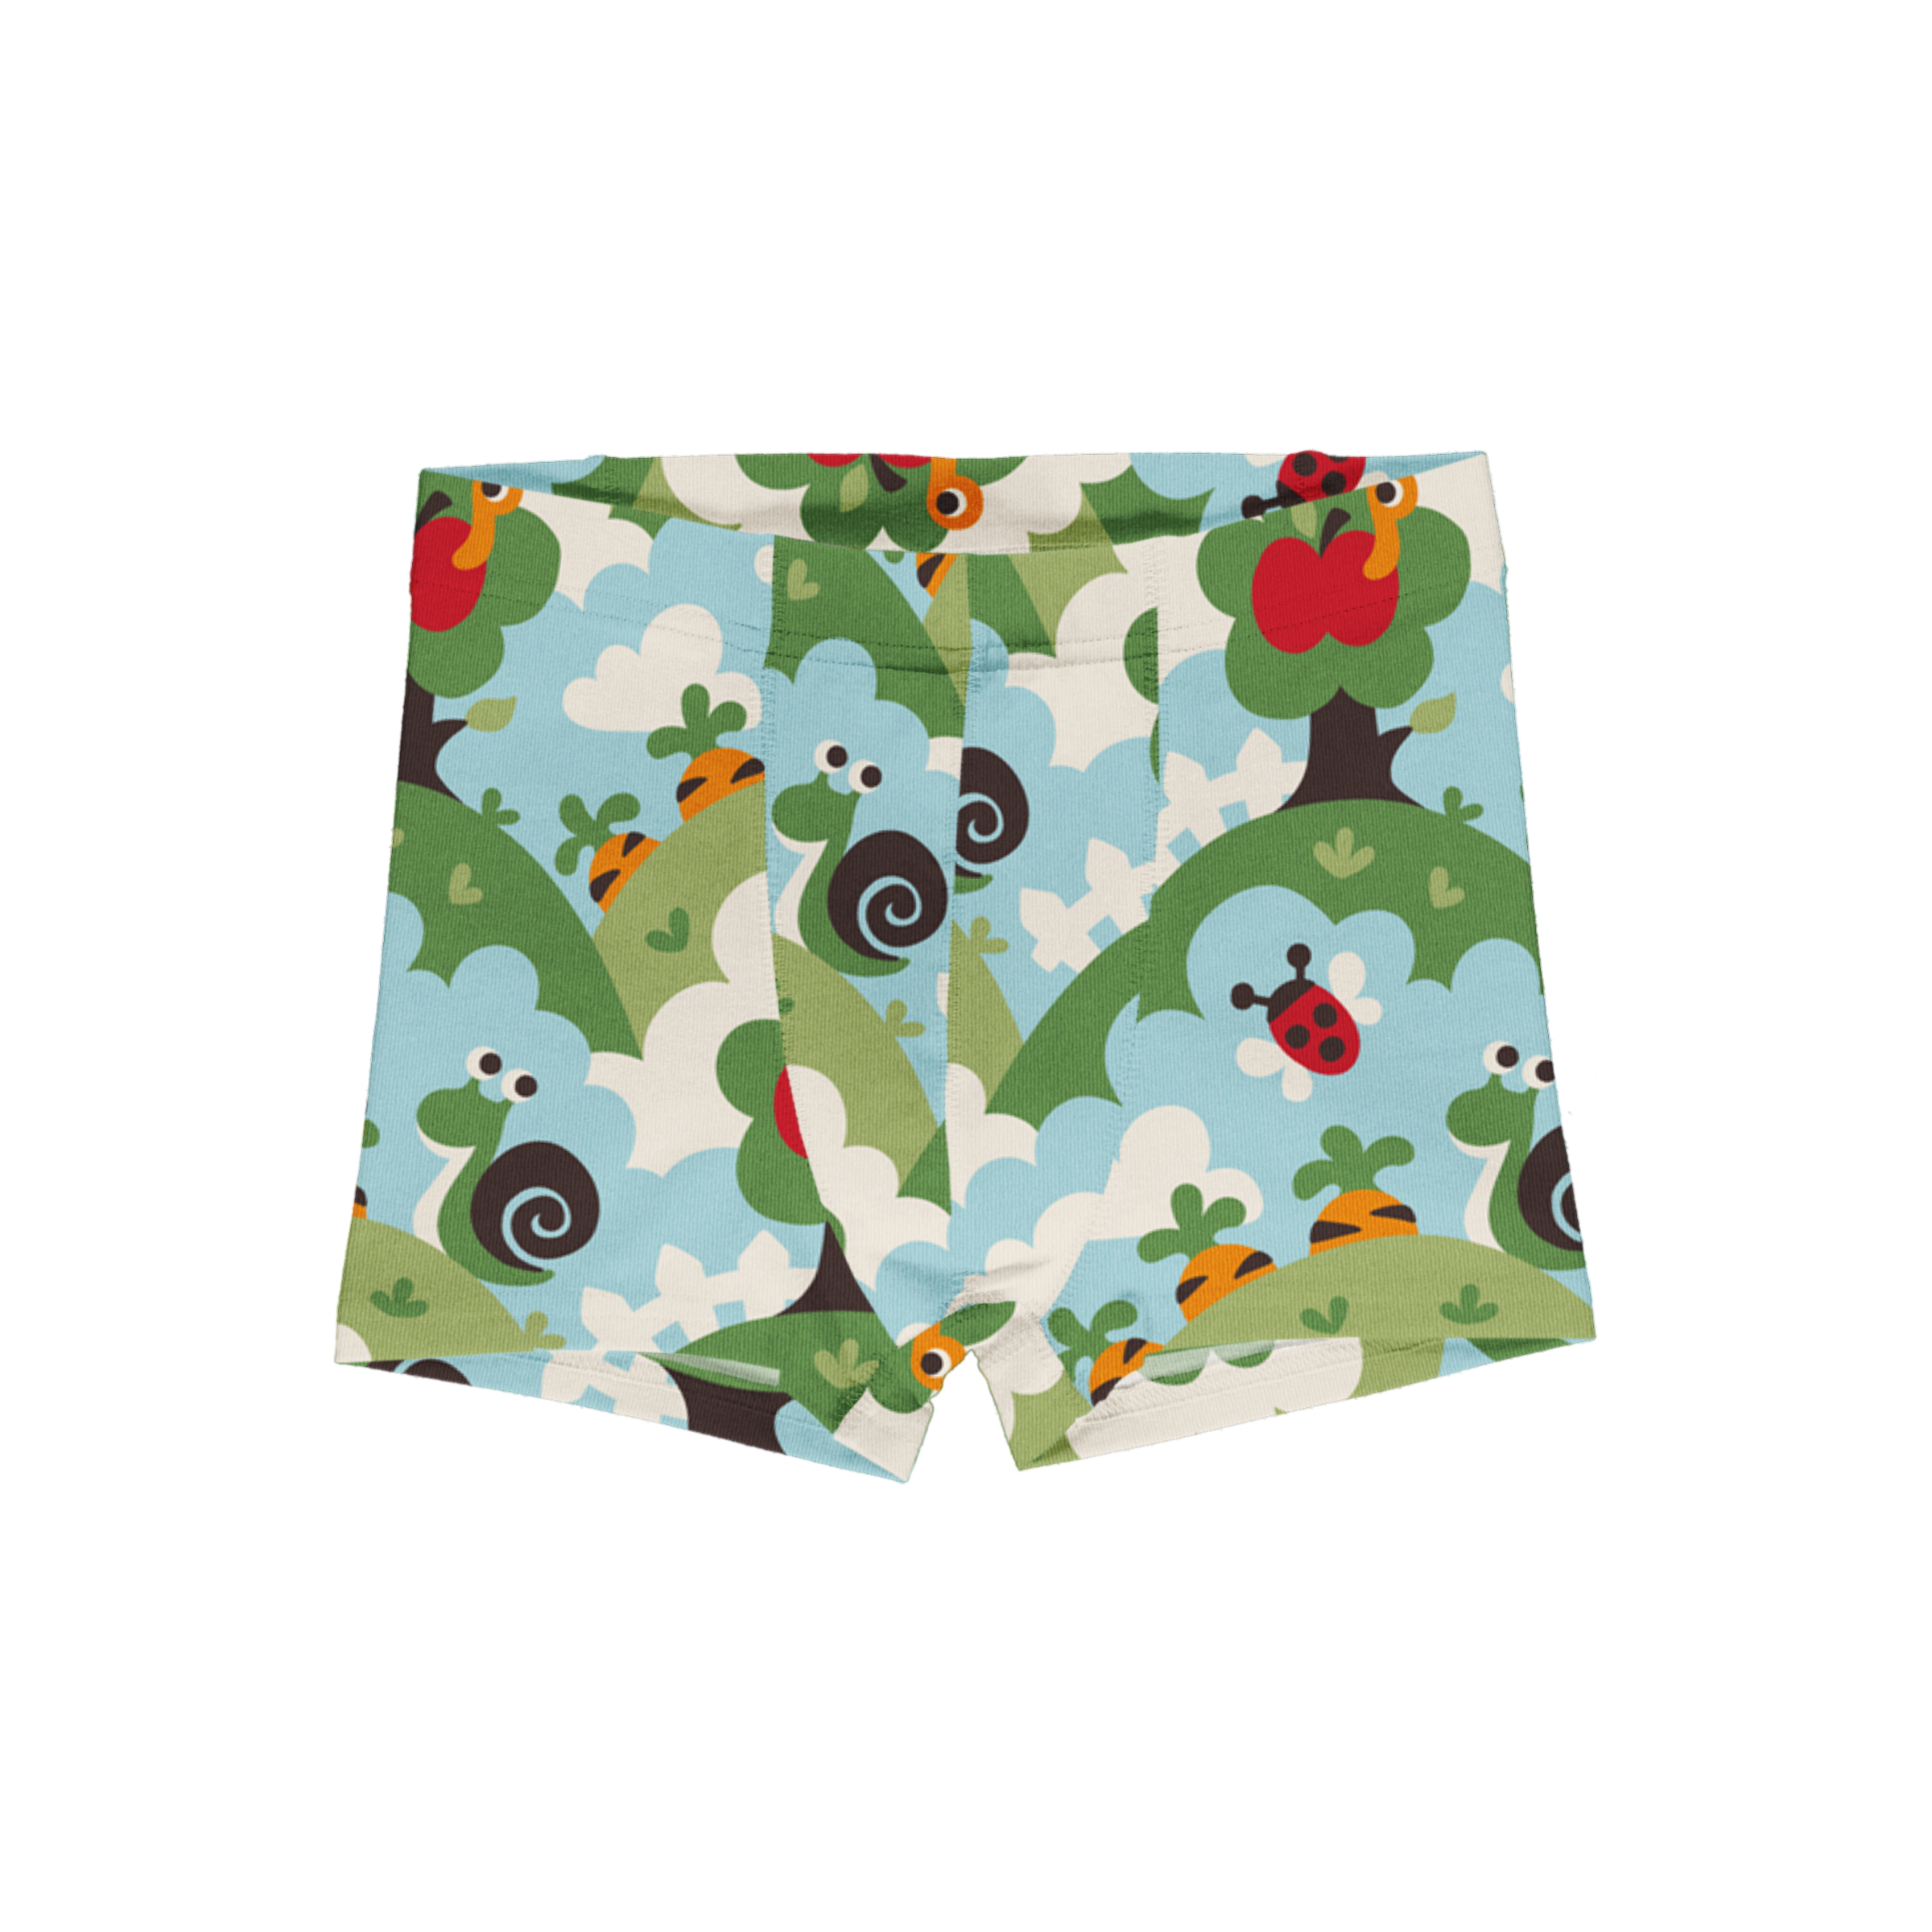 Maxomorra Boy Boxer Shorts GARDEN 122/128